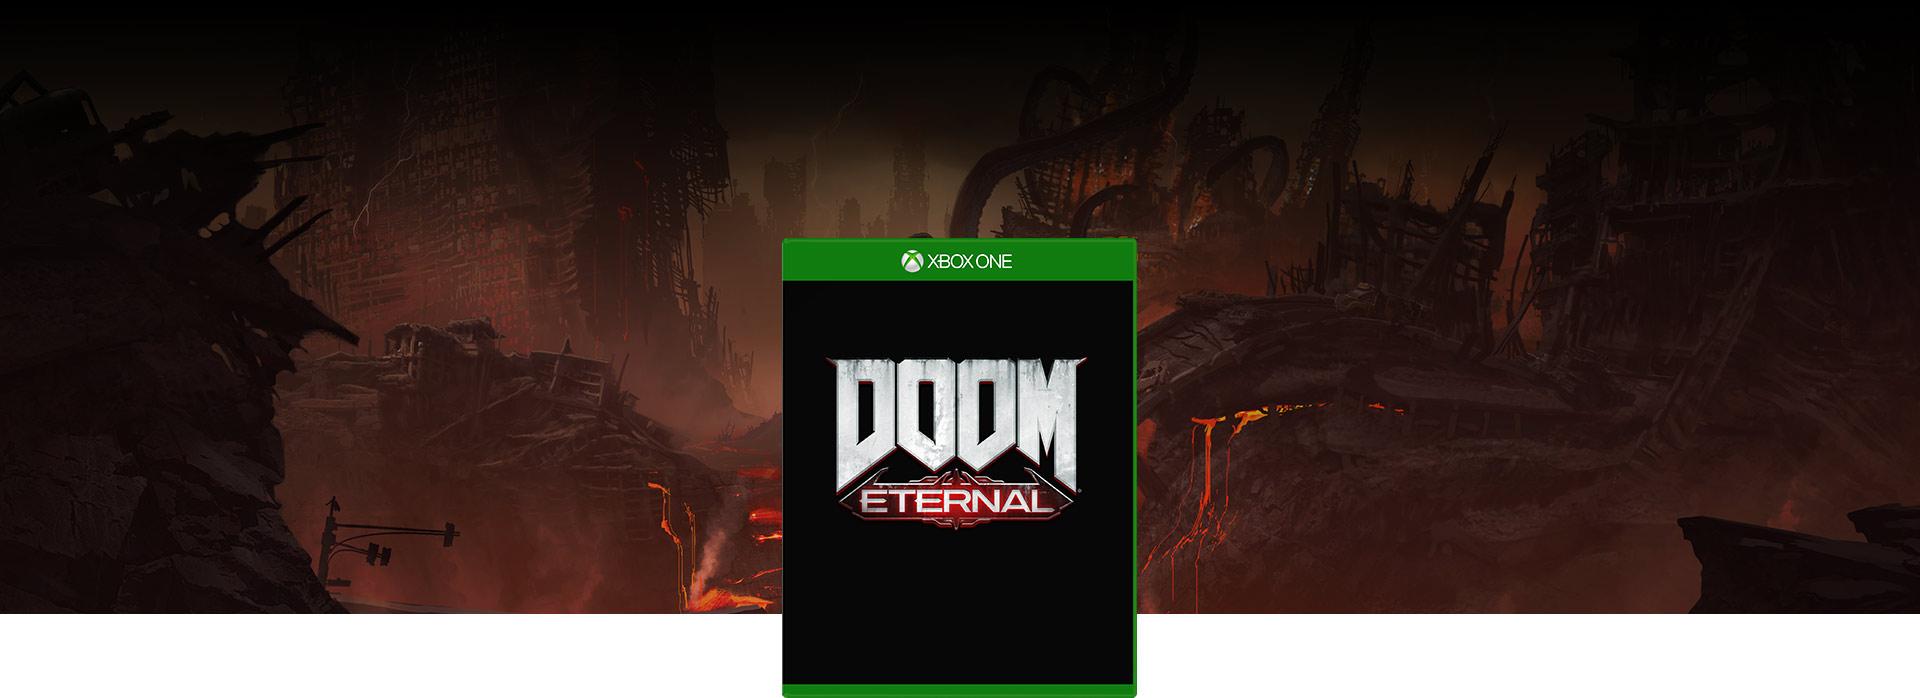 DOOM Eternal-coverbilde, bakgrunn med tentakler som kommer ut av lava i helvete